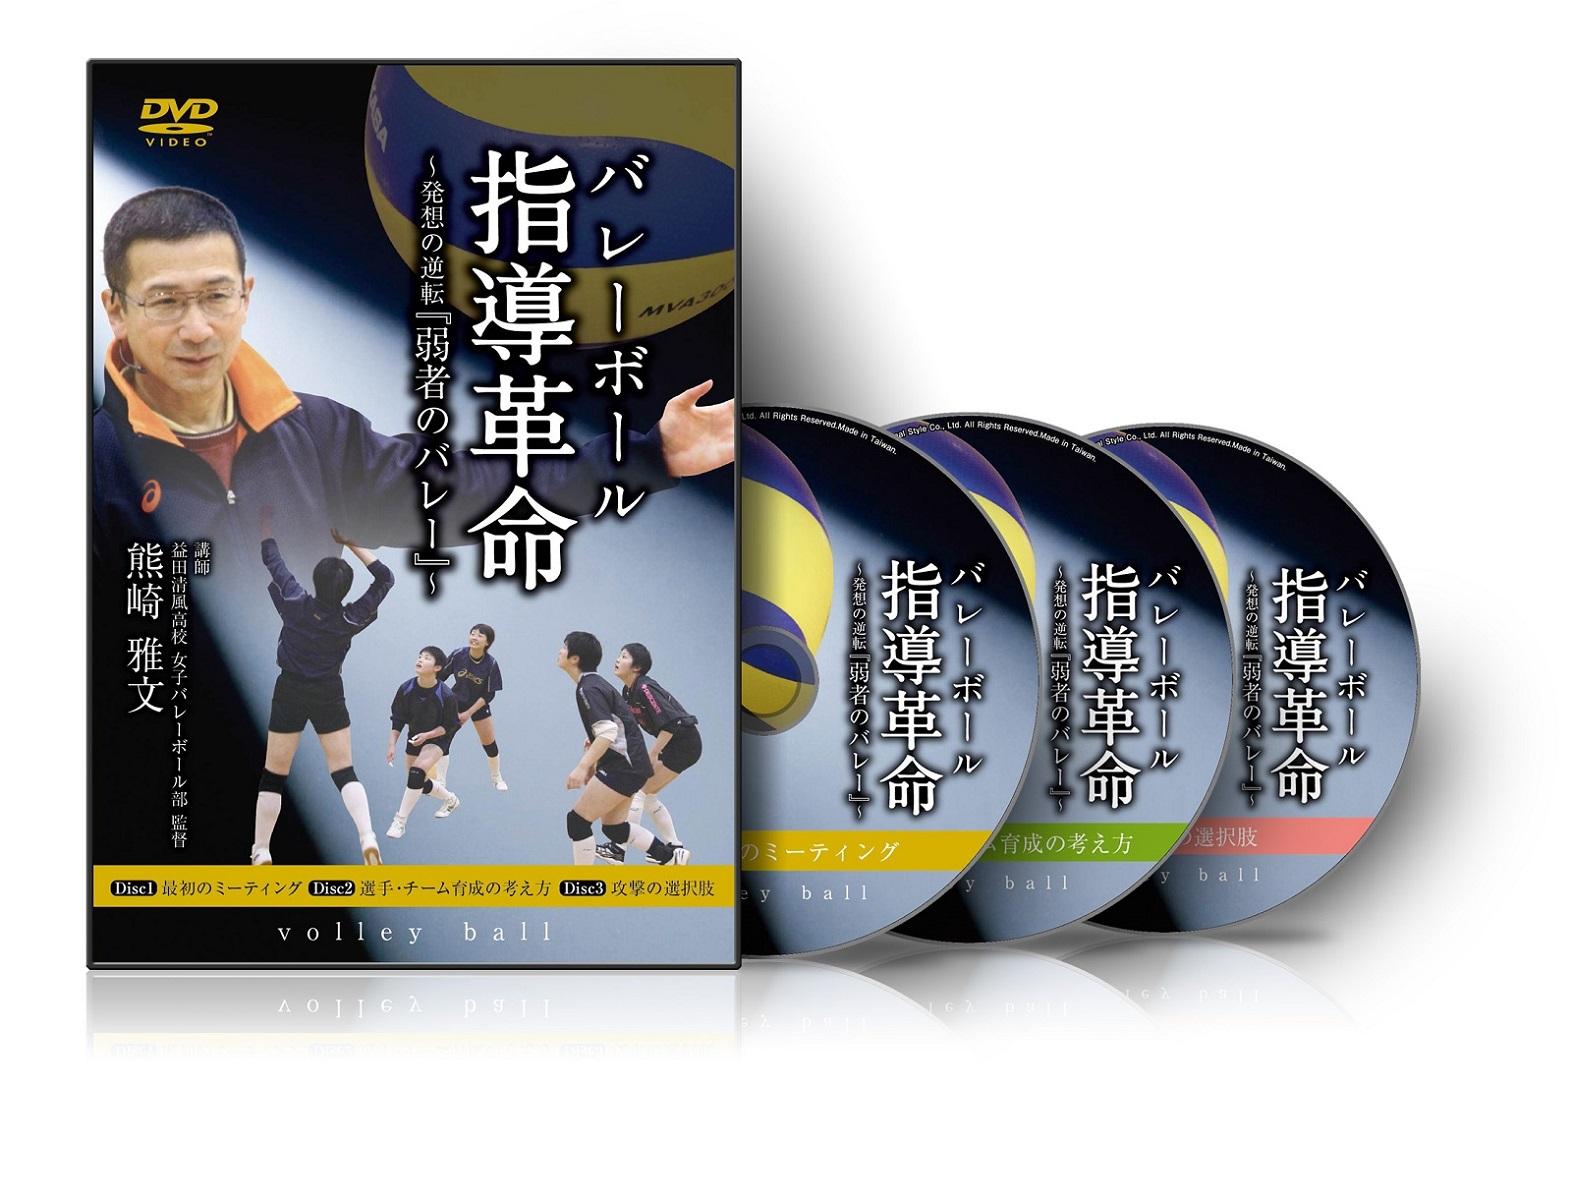 バレーボール指導革命~発想の逆転『弱者のバレー』